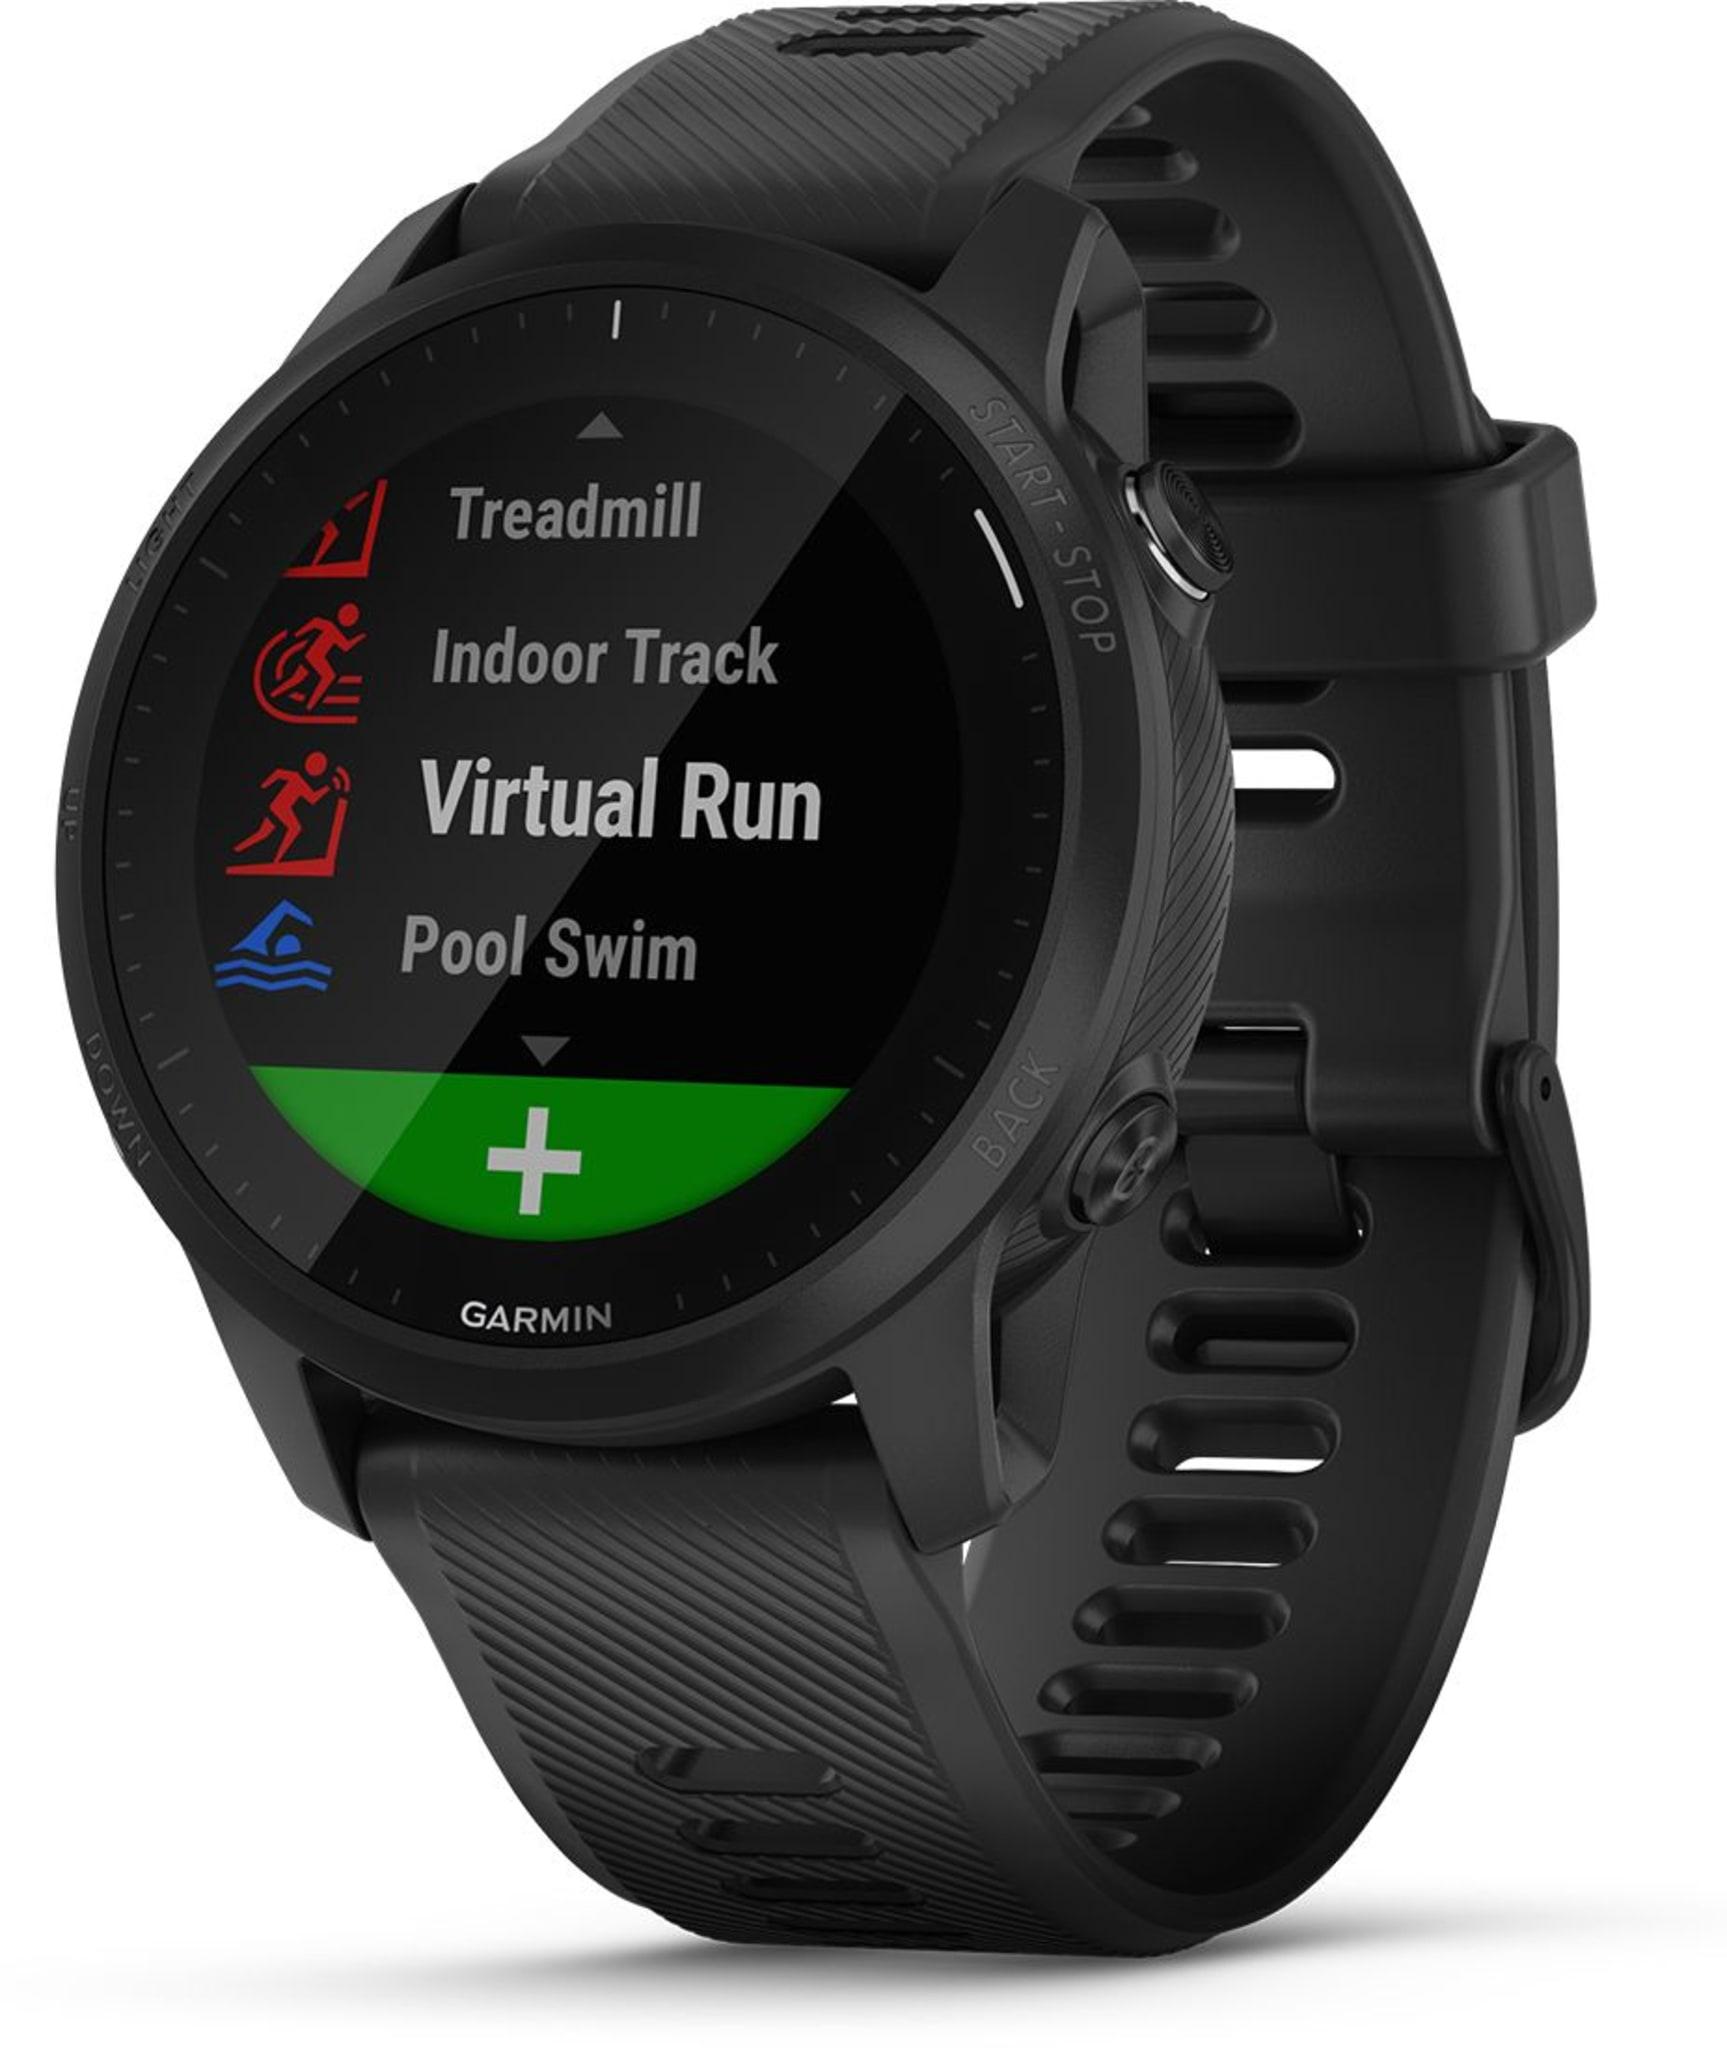 Multisportklokke med GPS-, puls-, kart-, LTE- og musikkfunksjoner